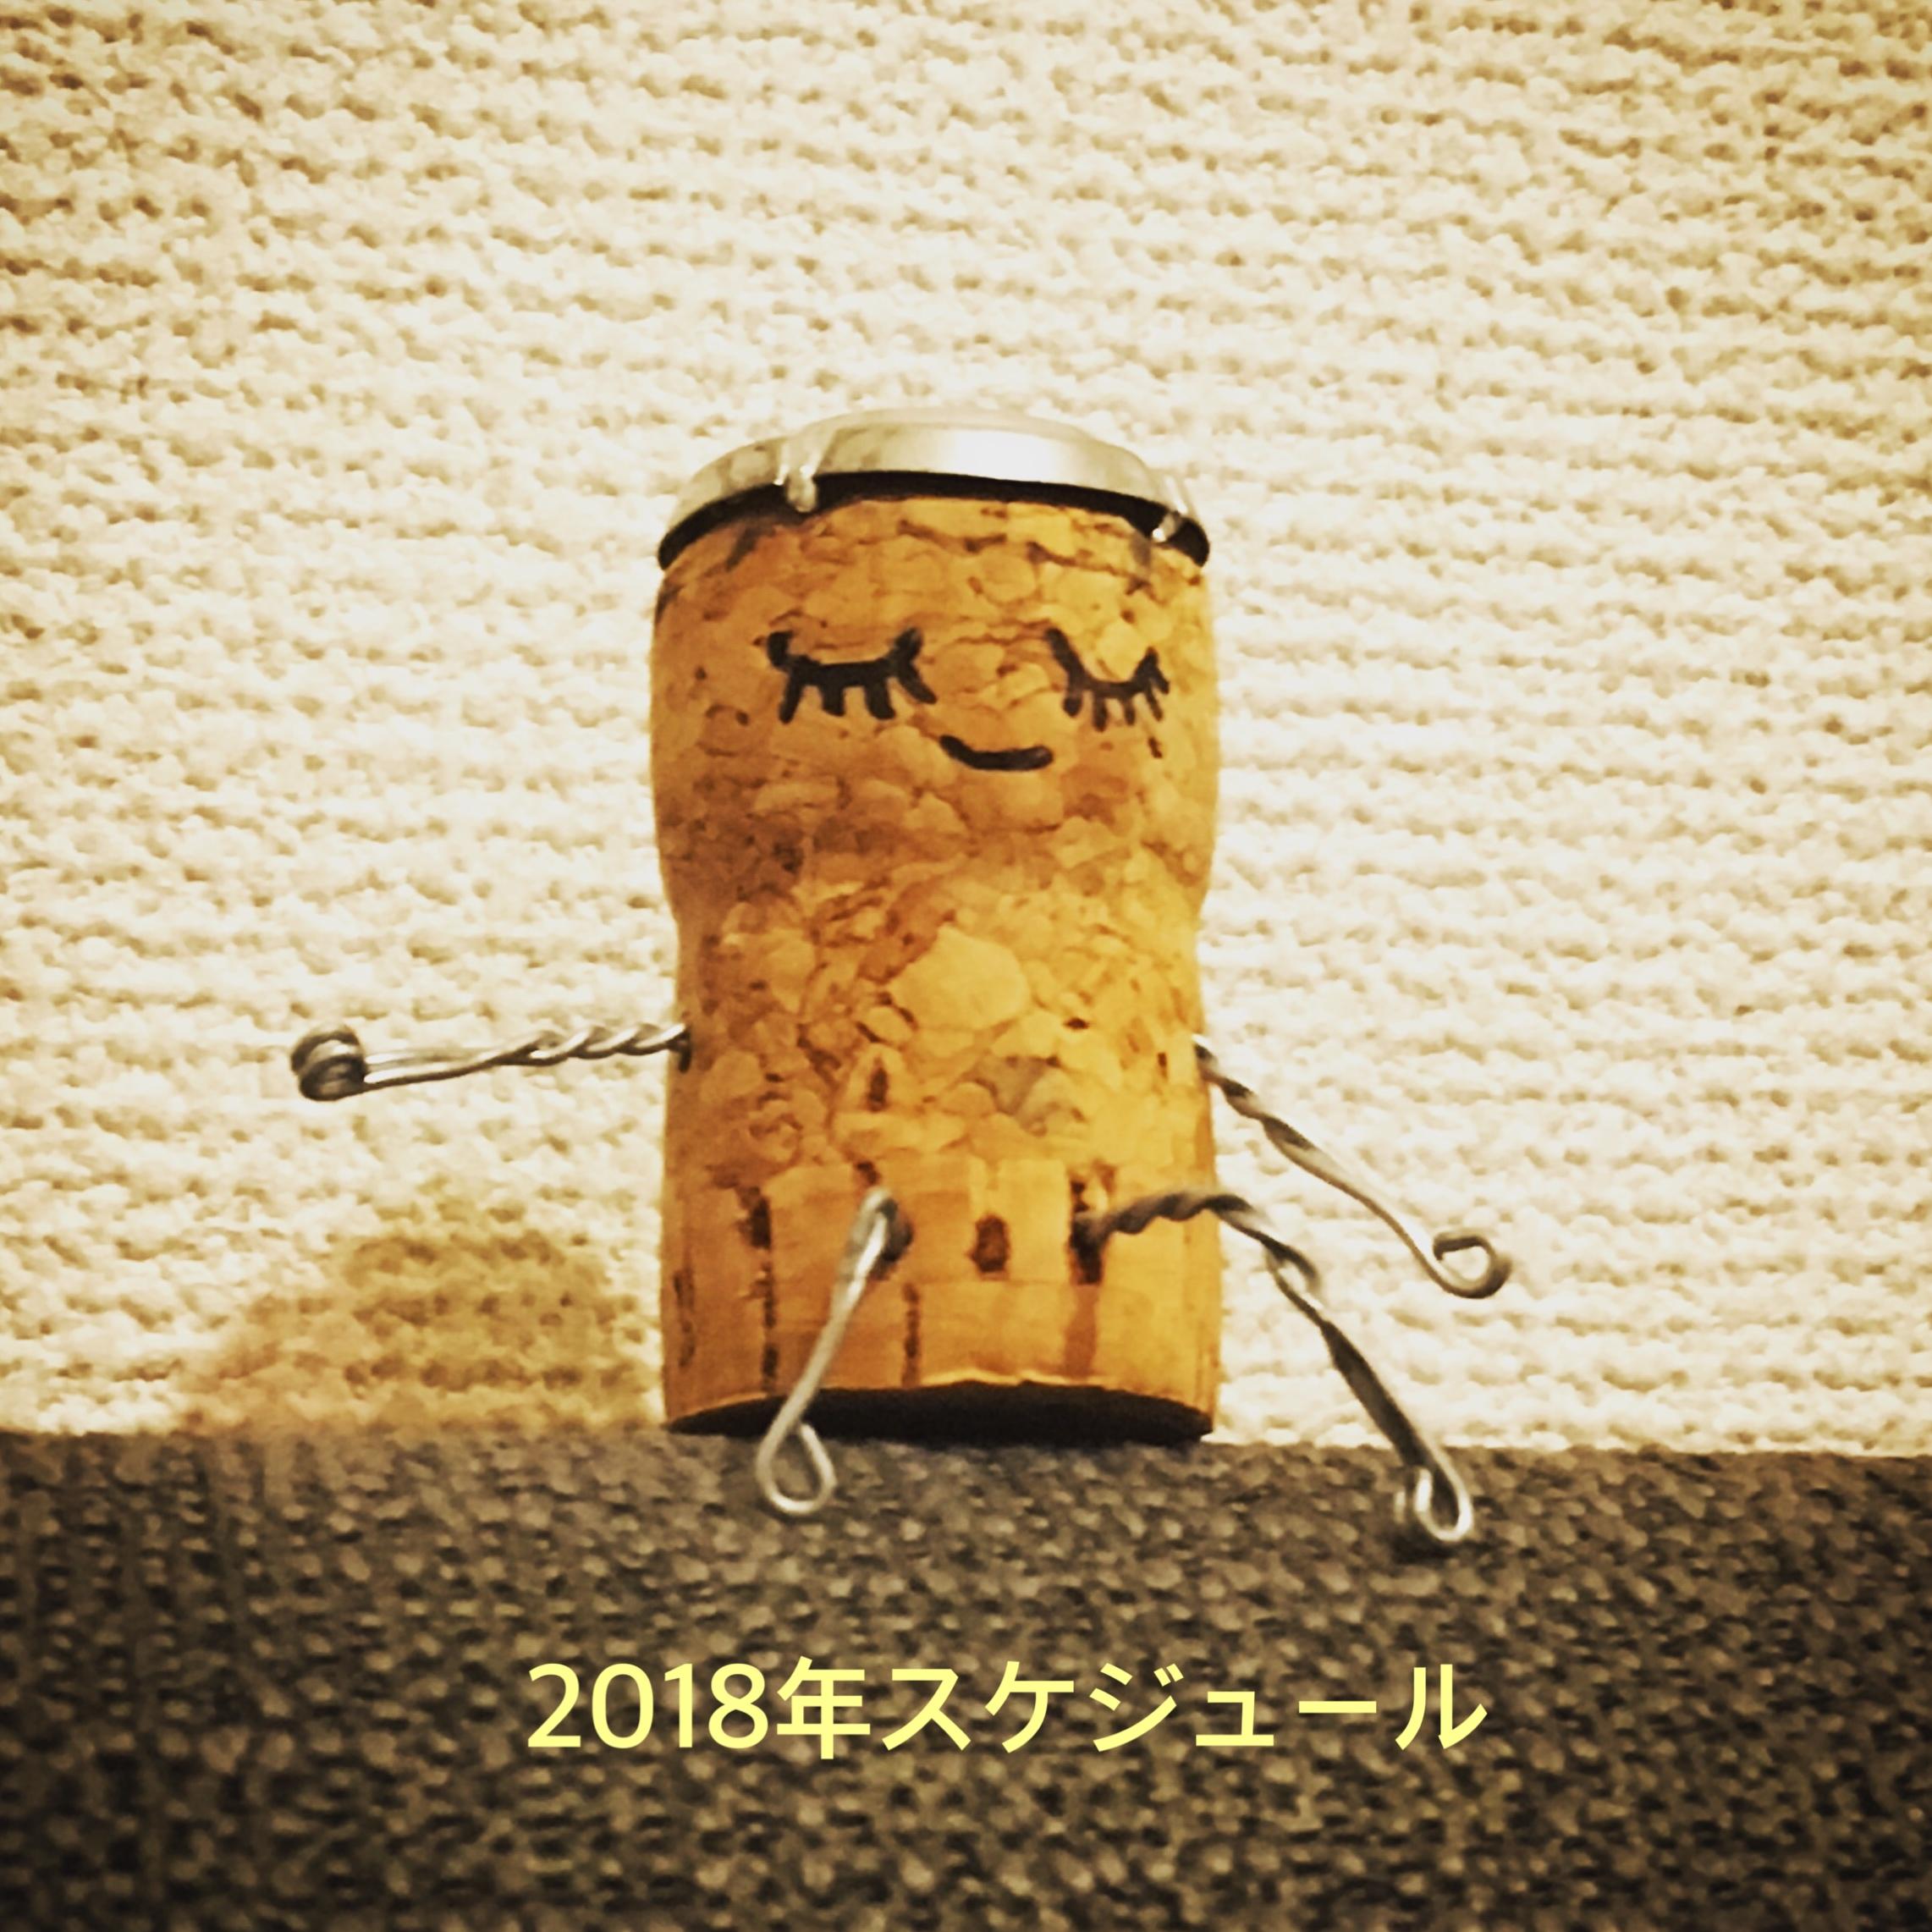 <保存版・随時更新>2018年企画・講座リスト